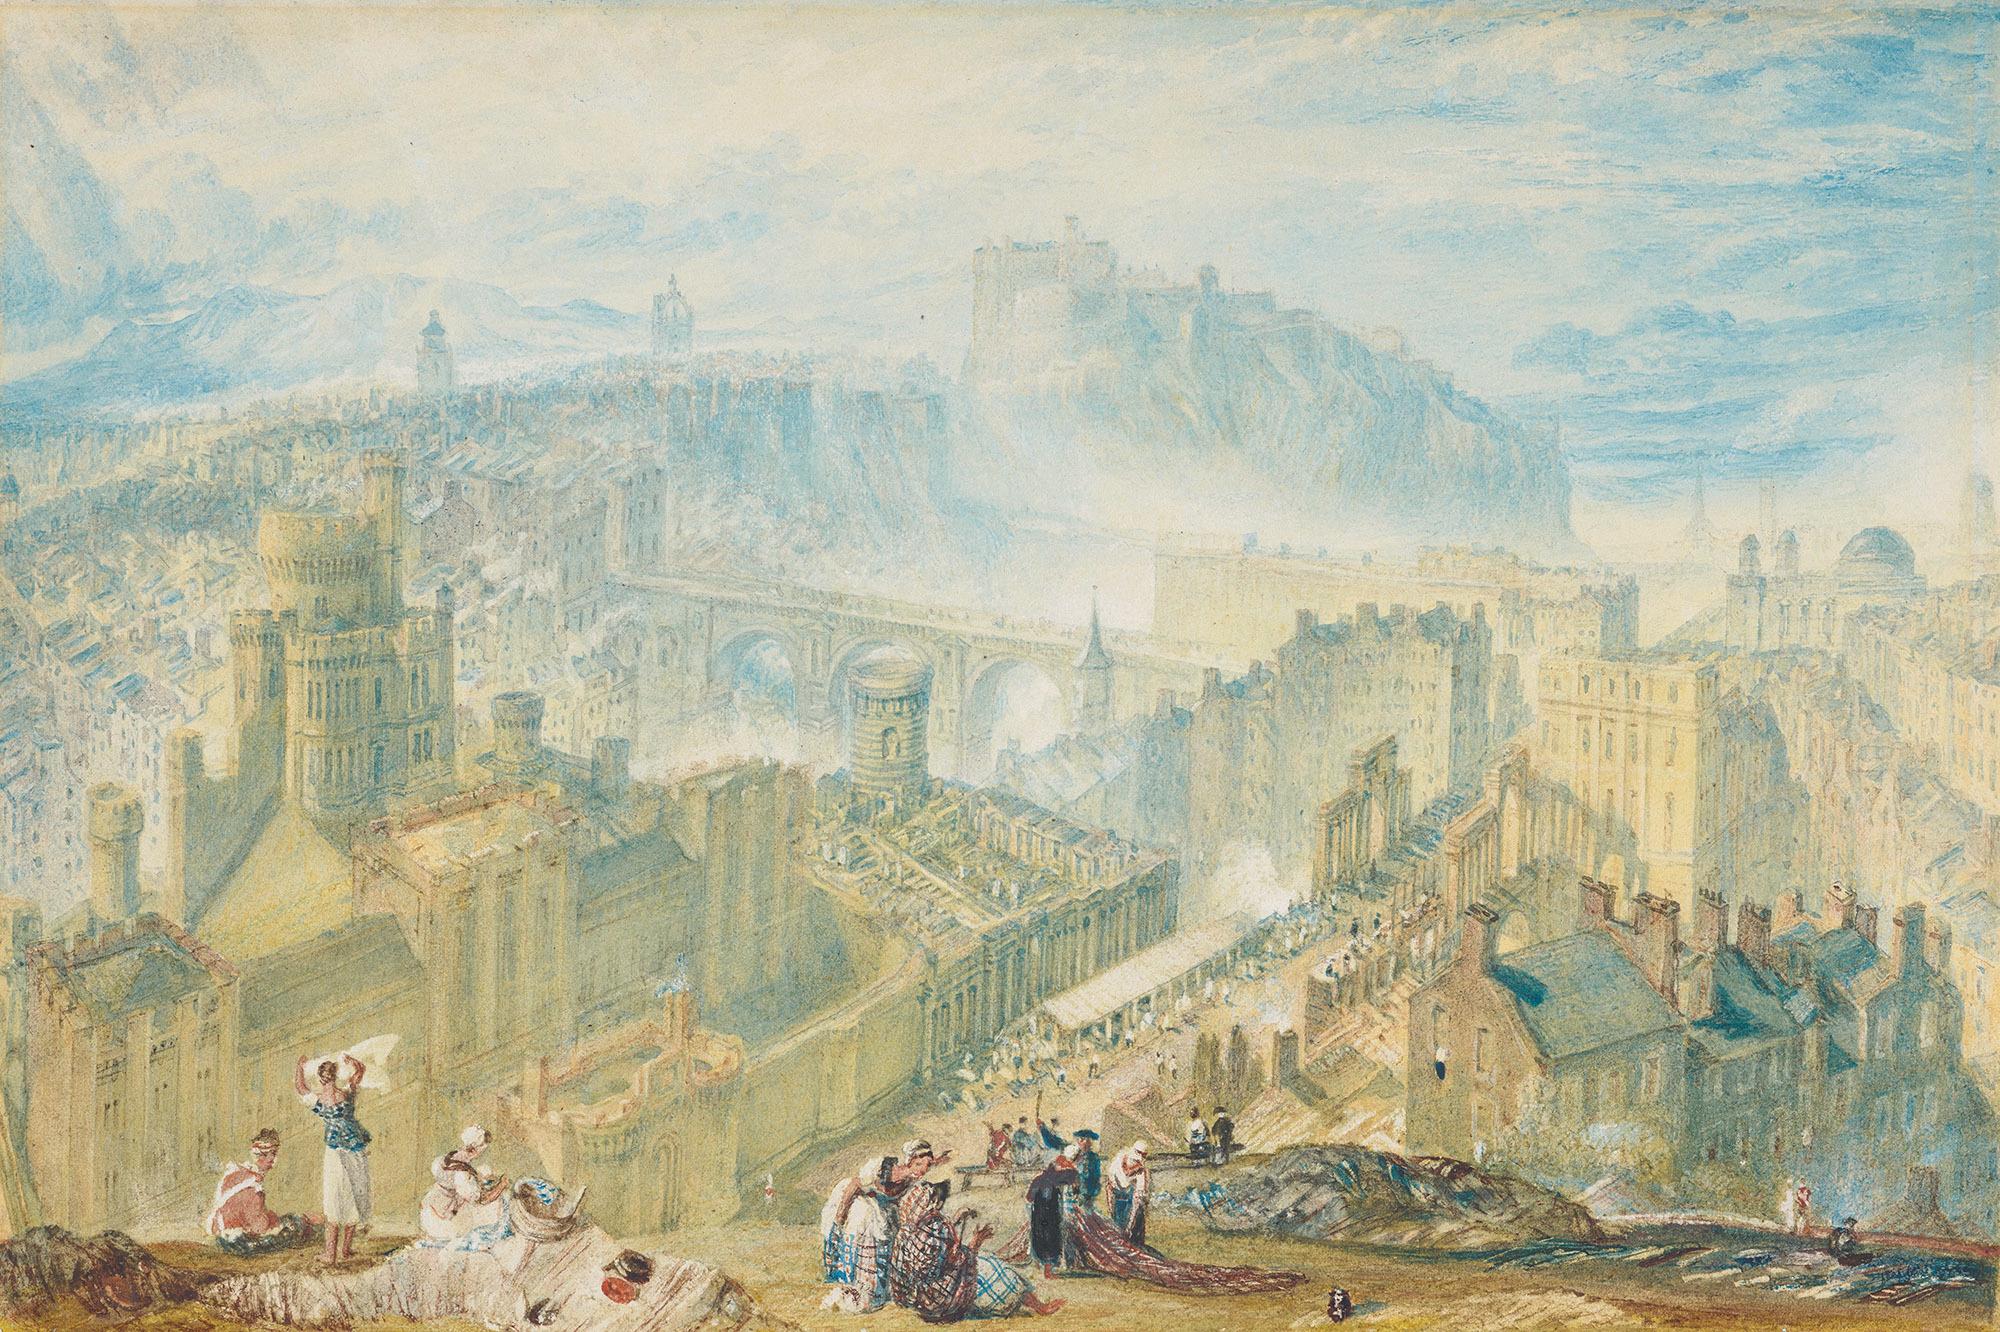 《コールトン・ヒルから見たエディンバラ》 1819年頃 水彩、鉛筆、グワッシュ、スクレイピングアウト・網目紙 16.8×24.9cm  エディンバラ、スコットランド国立美術館群 (c)Trustees of the National Galleries of Scotland